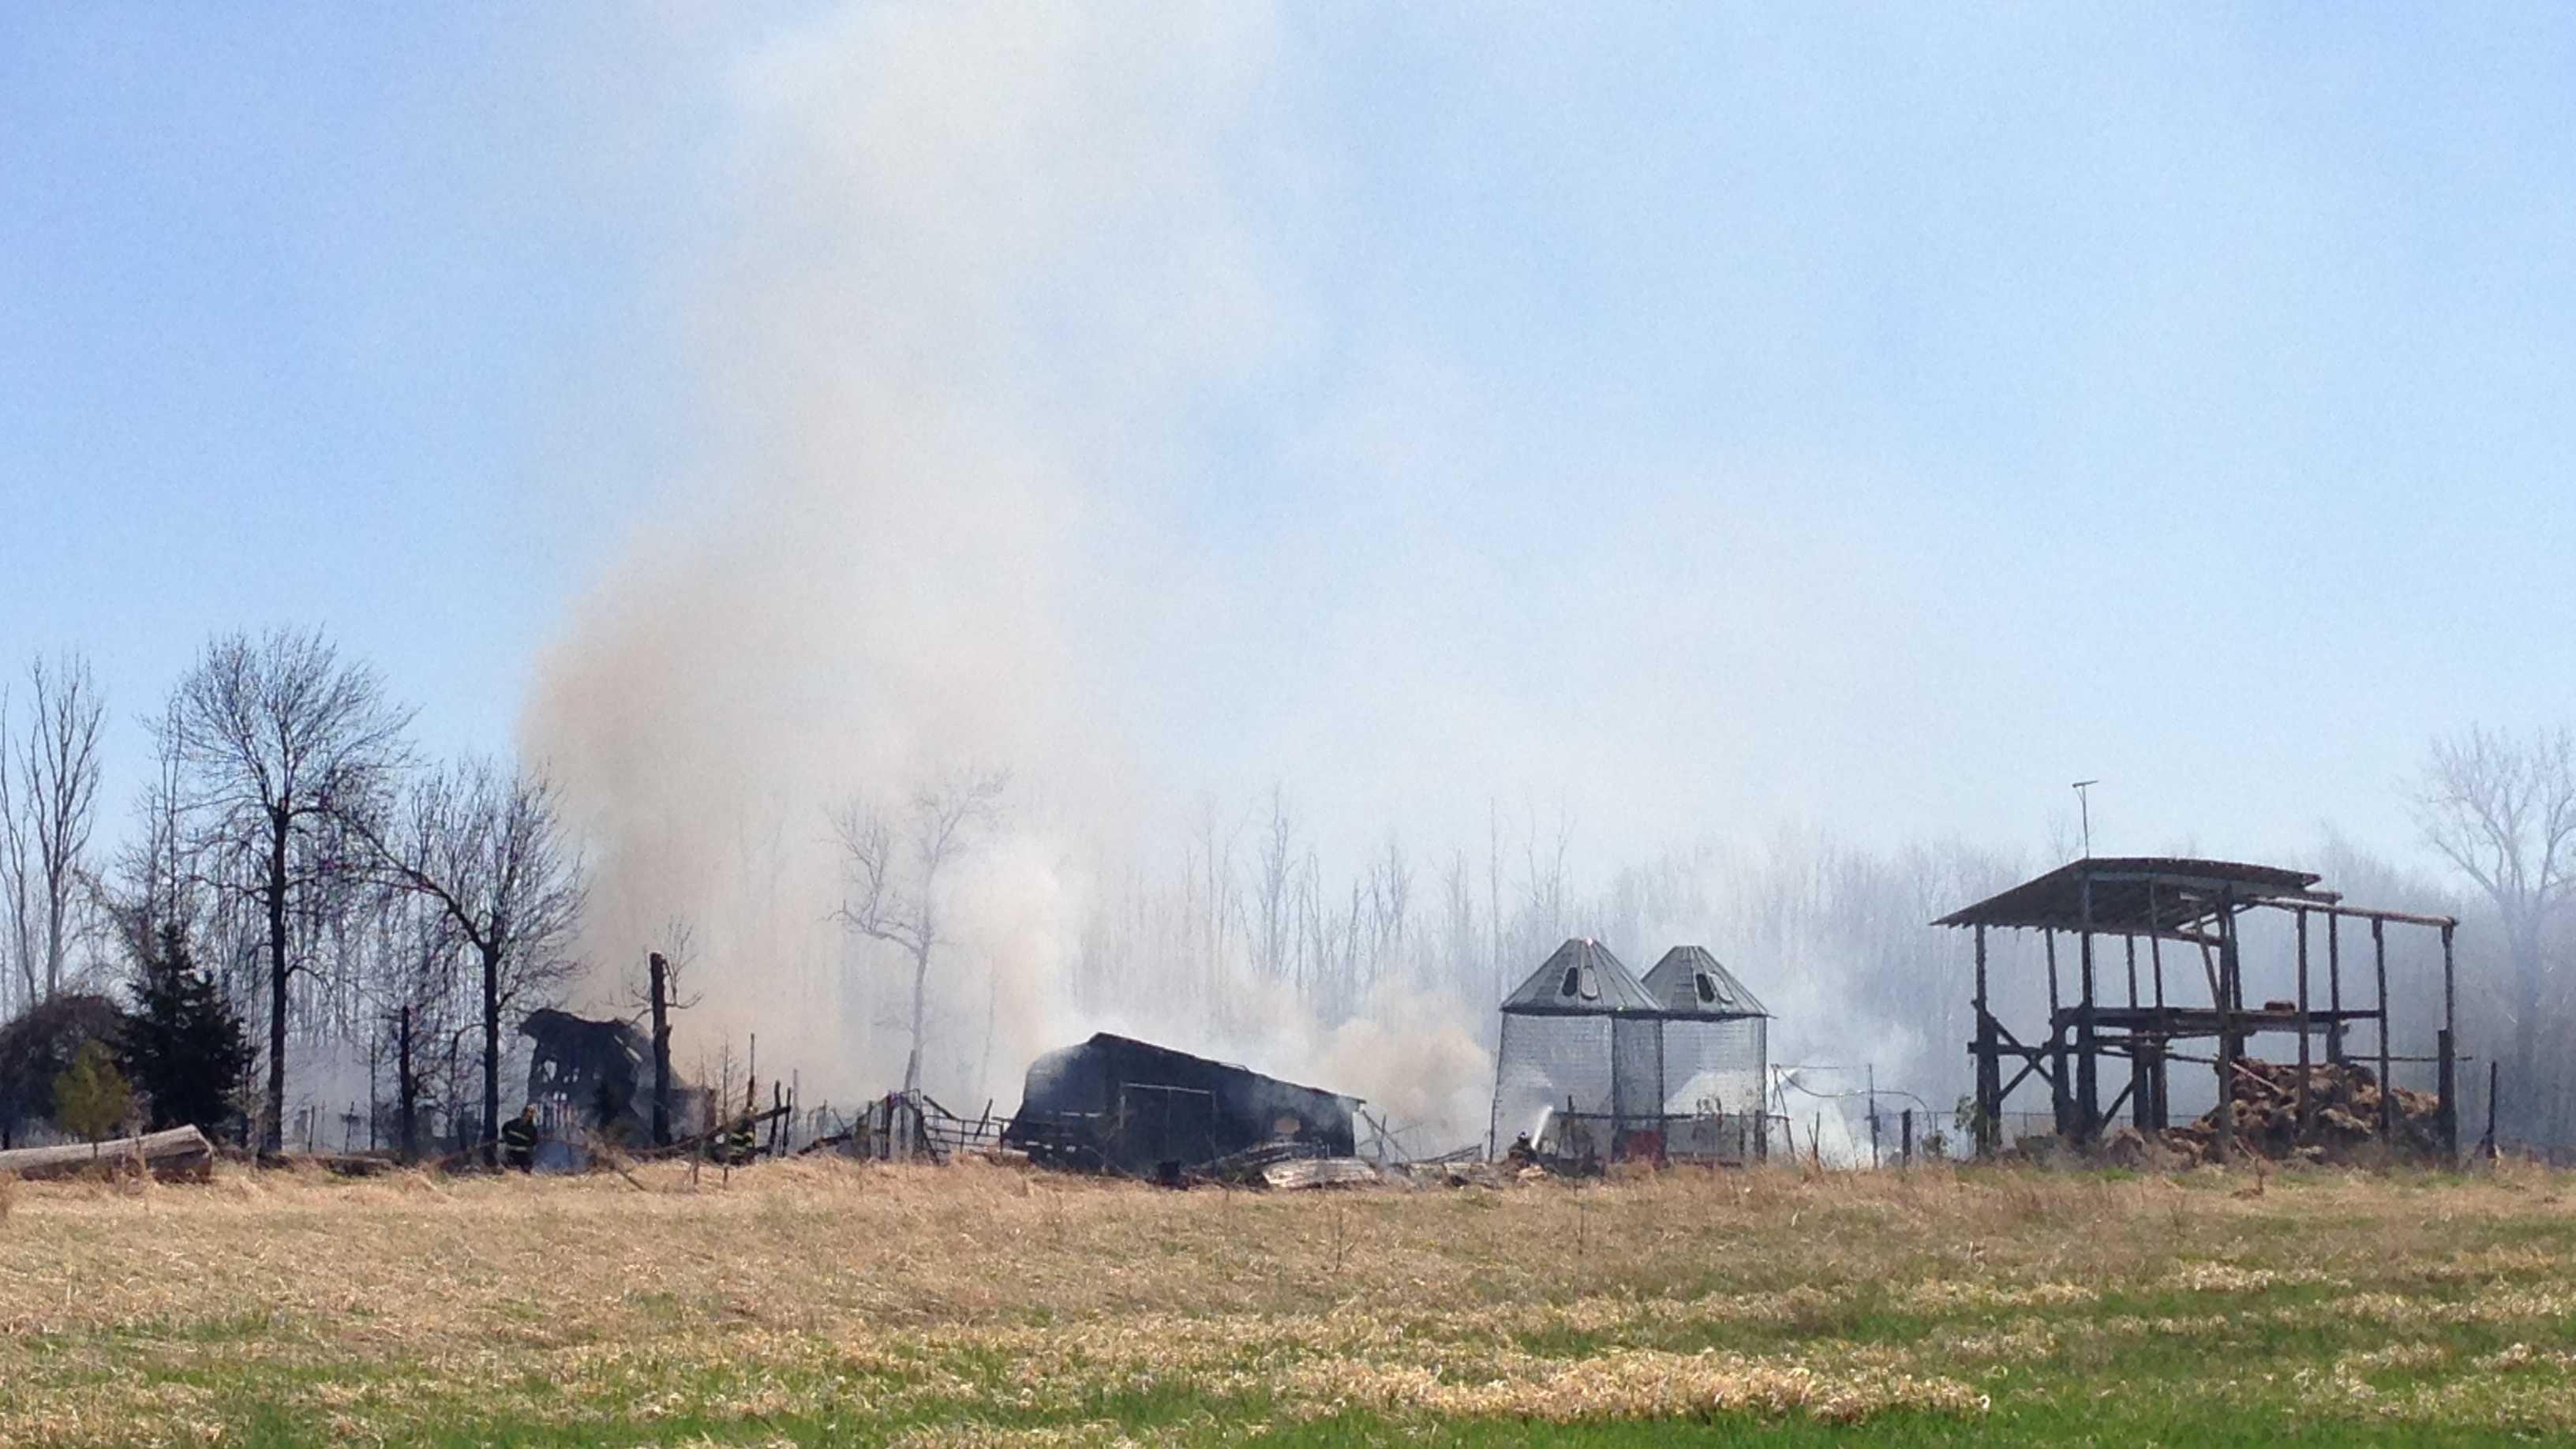 05-03-13 Farmhouse, barn burn in Chazy fire - img